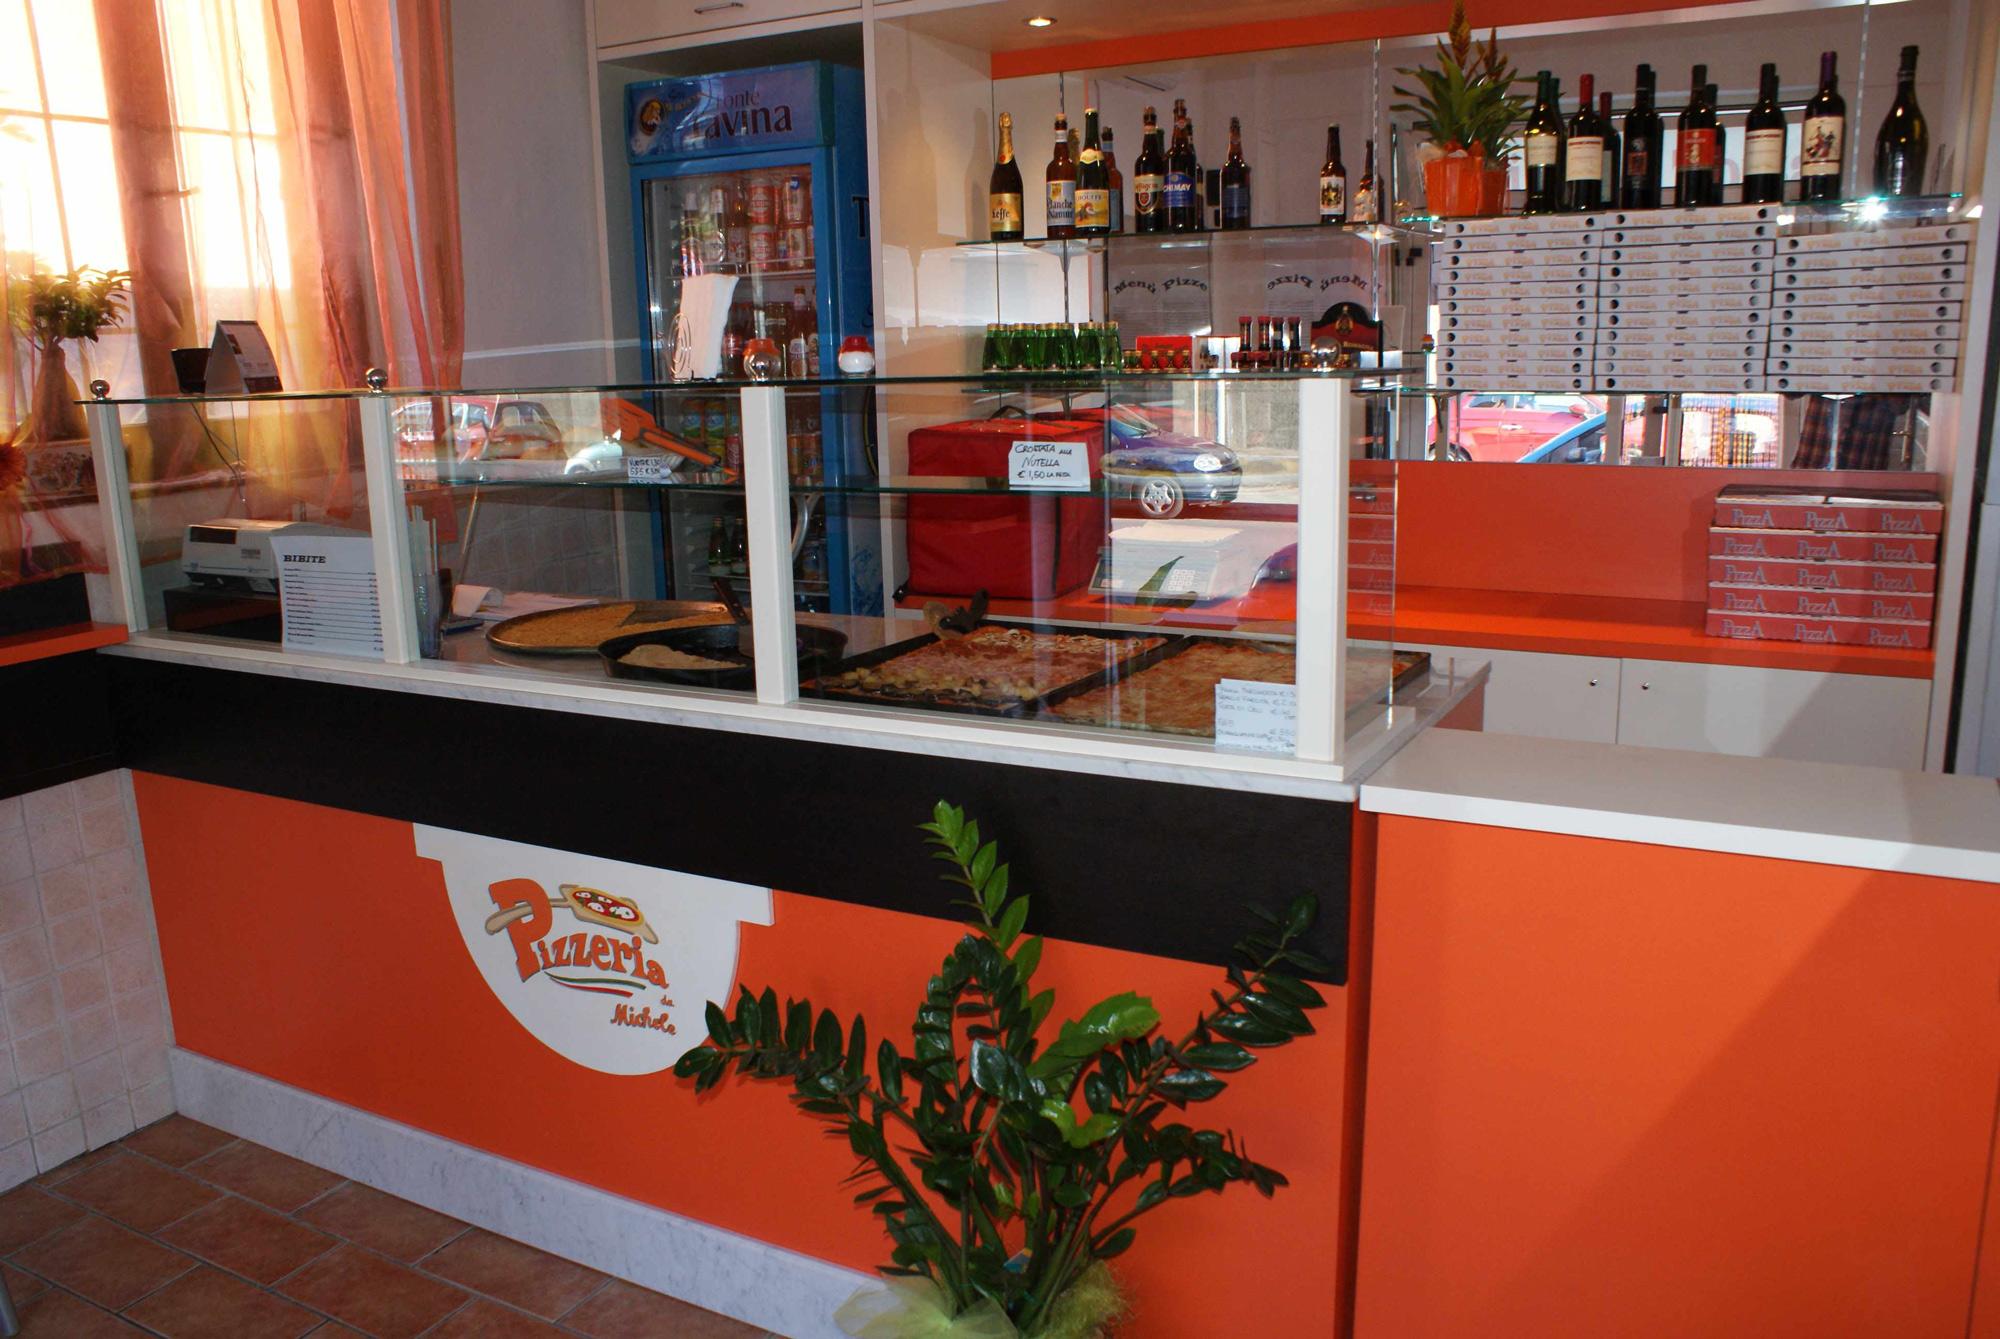 Arredamento per pizzeria idea d 39 immagine di decorazione for Arredamento per pizzeria